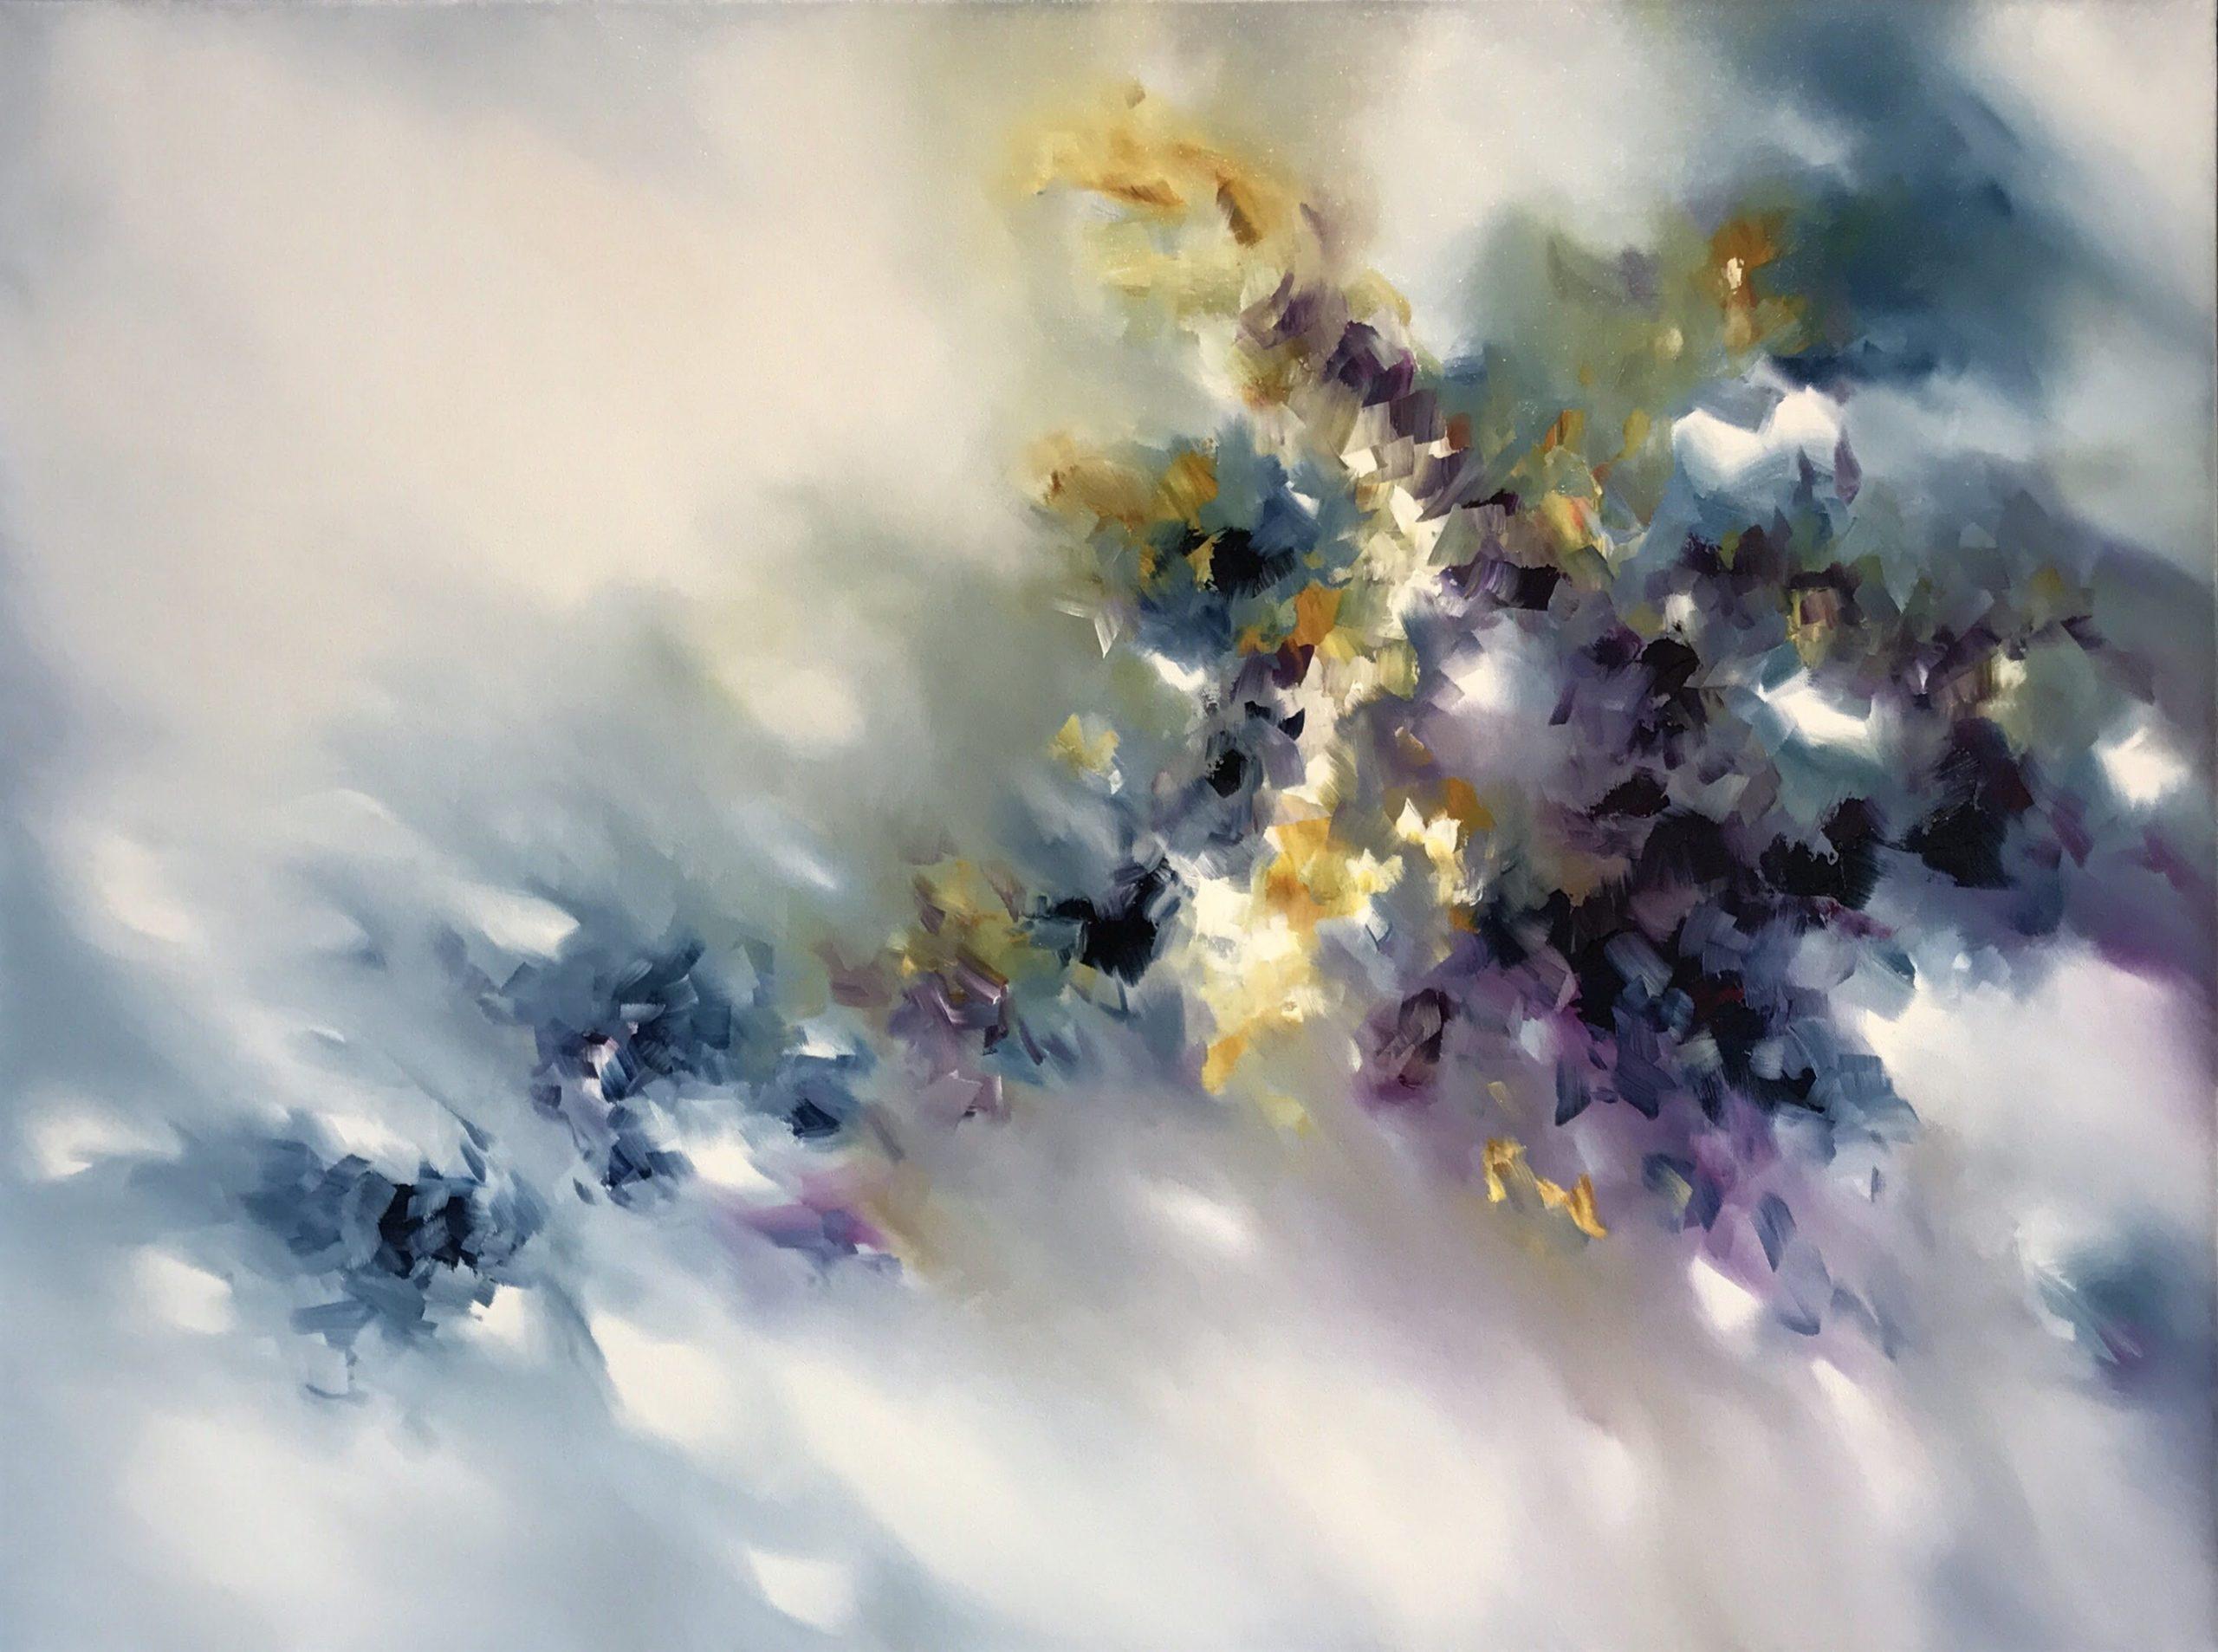 Peinture de Melissa McCracken de la musique Radiohead - True love waits